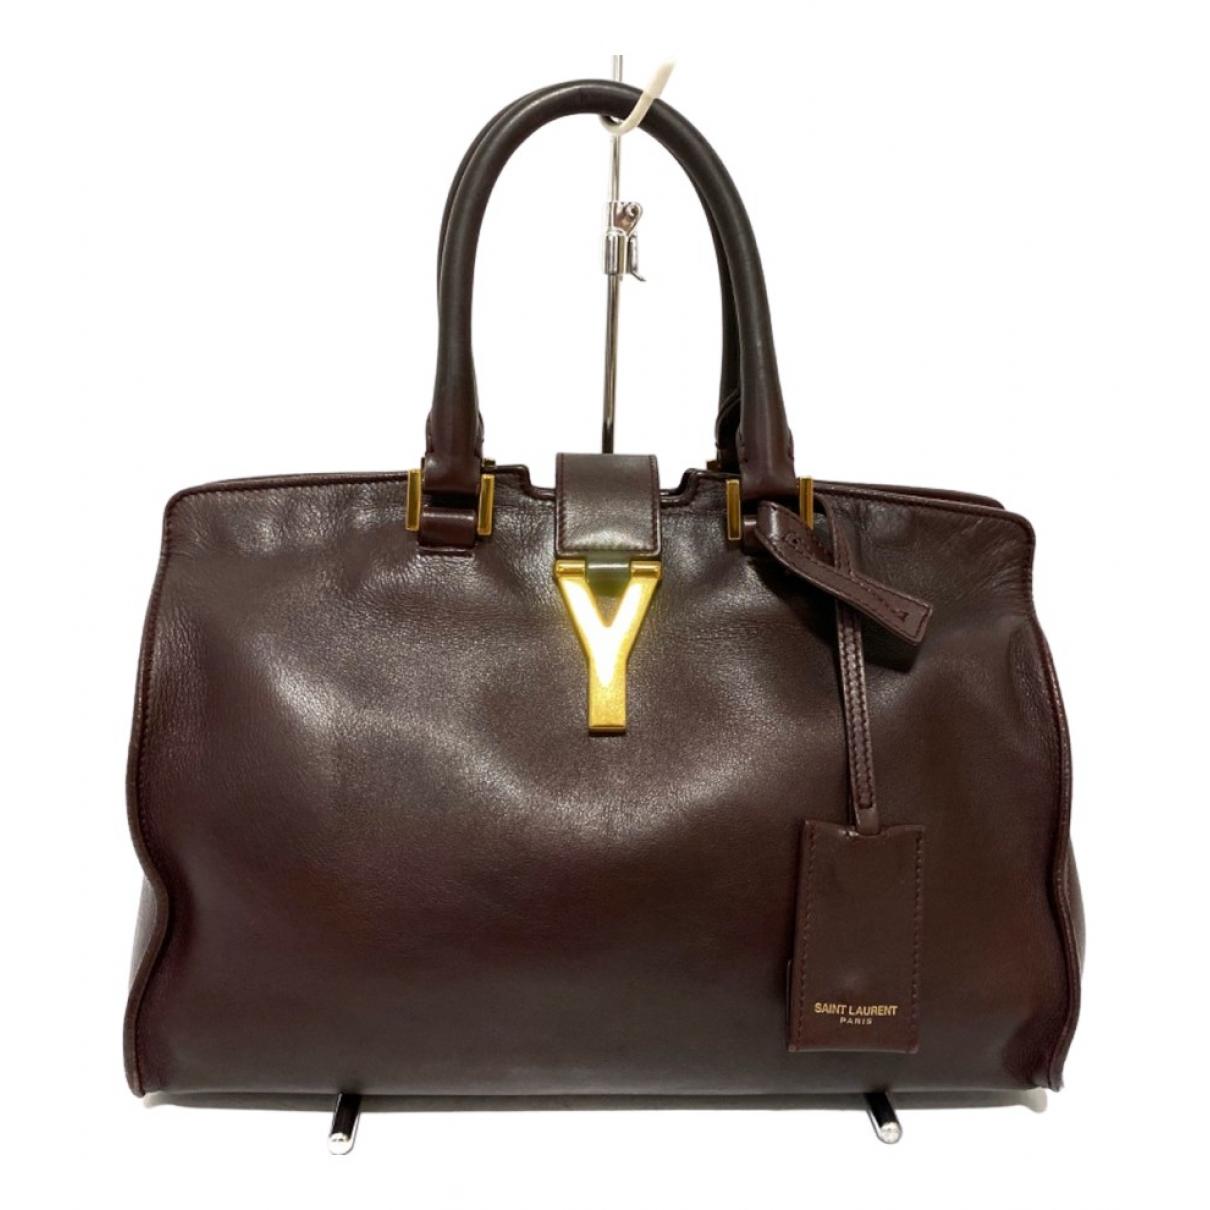 Saint Laurent Chyc Handtasche in  Braun Leder